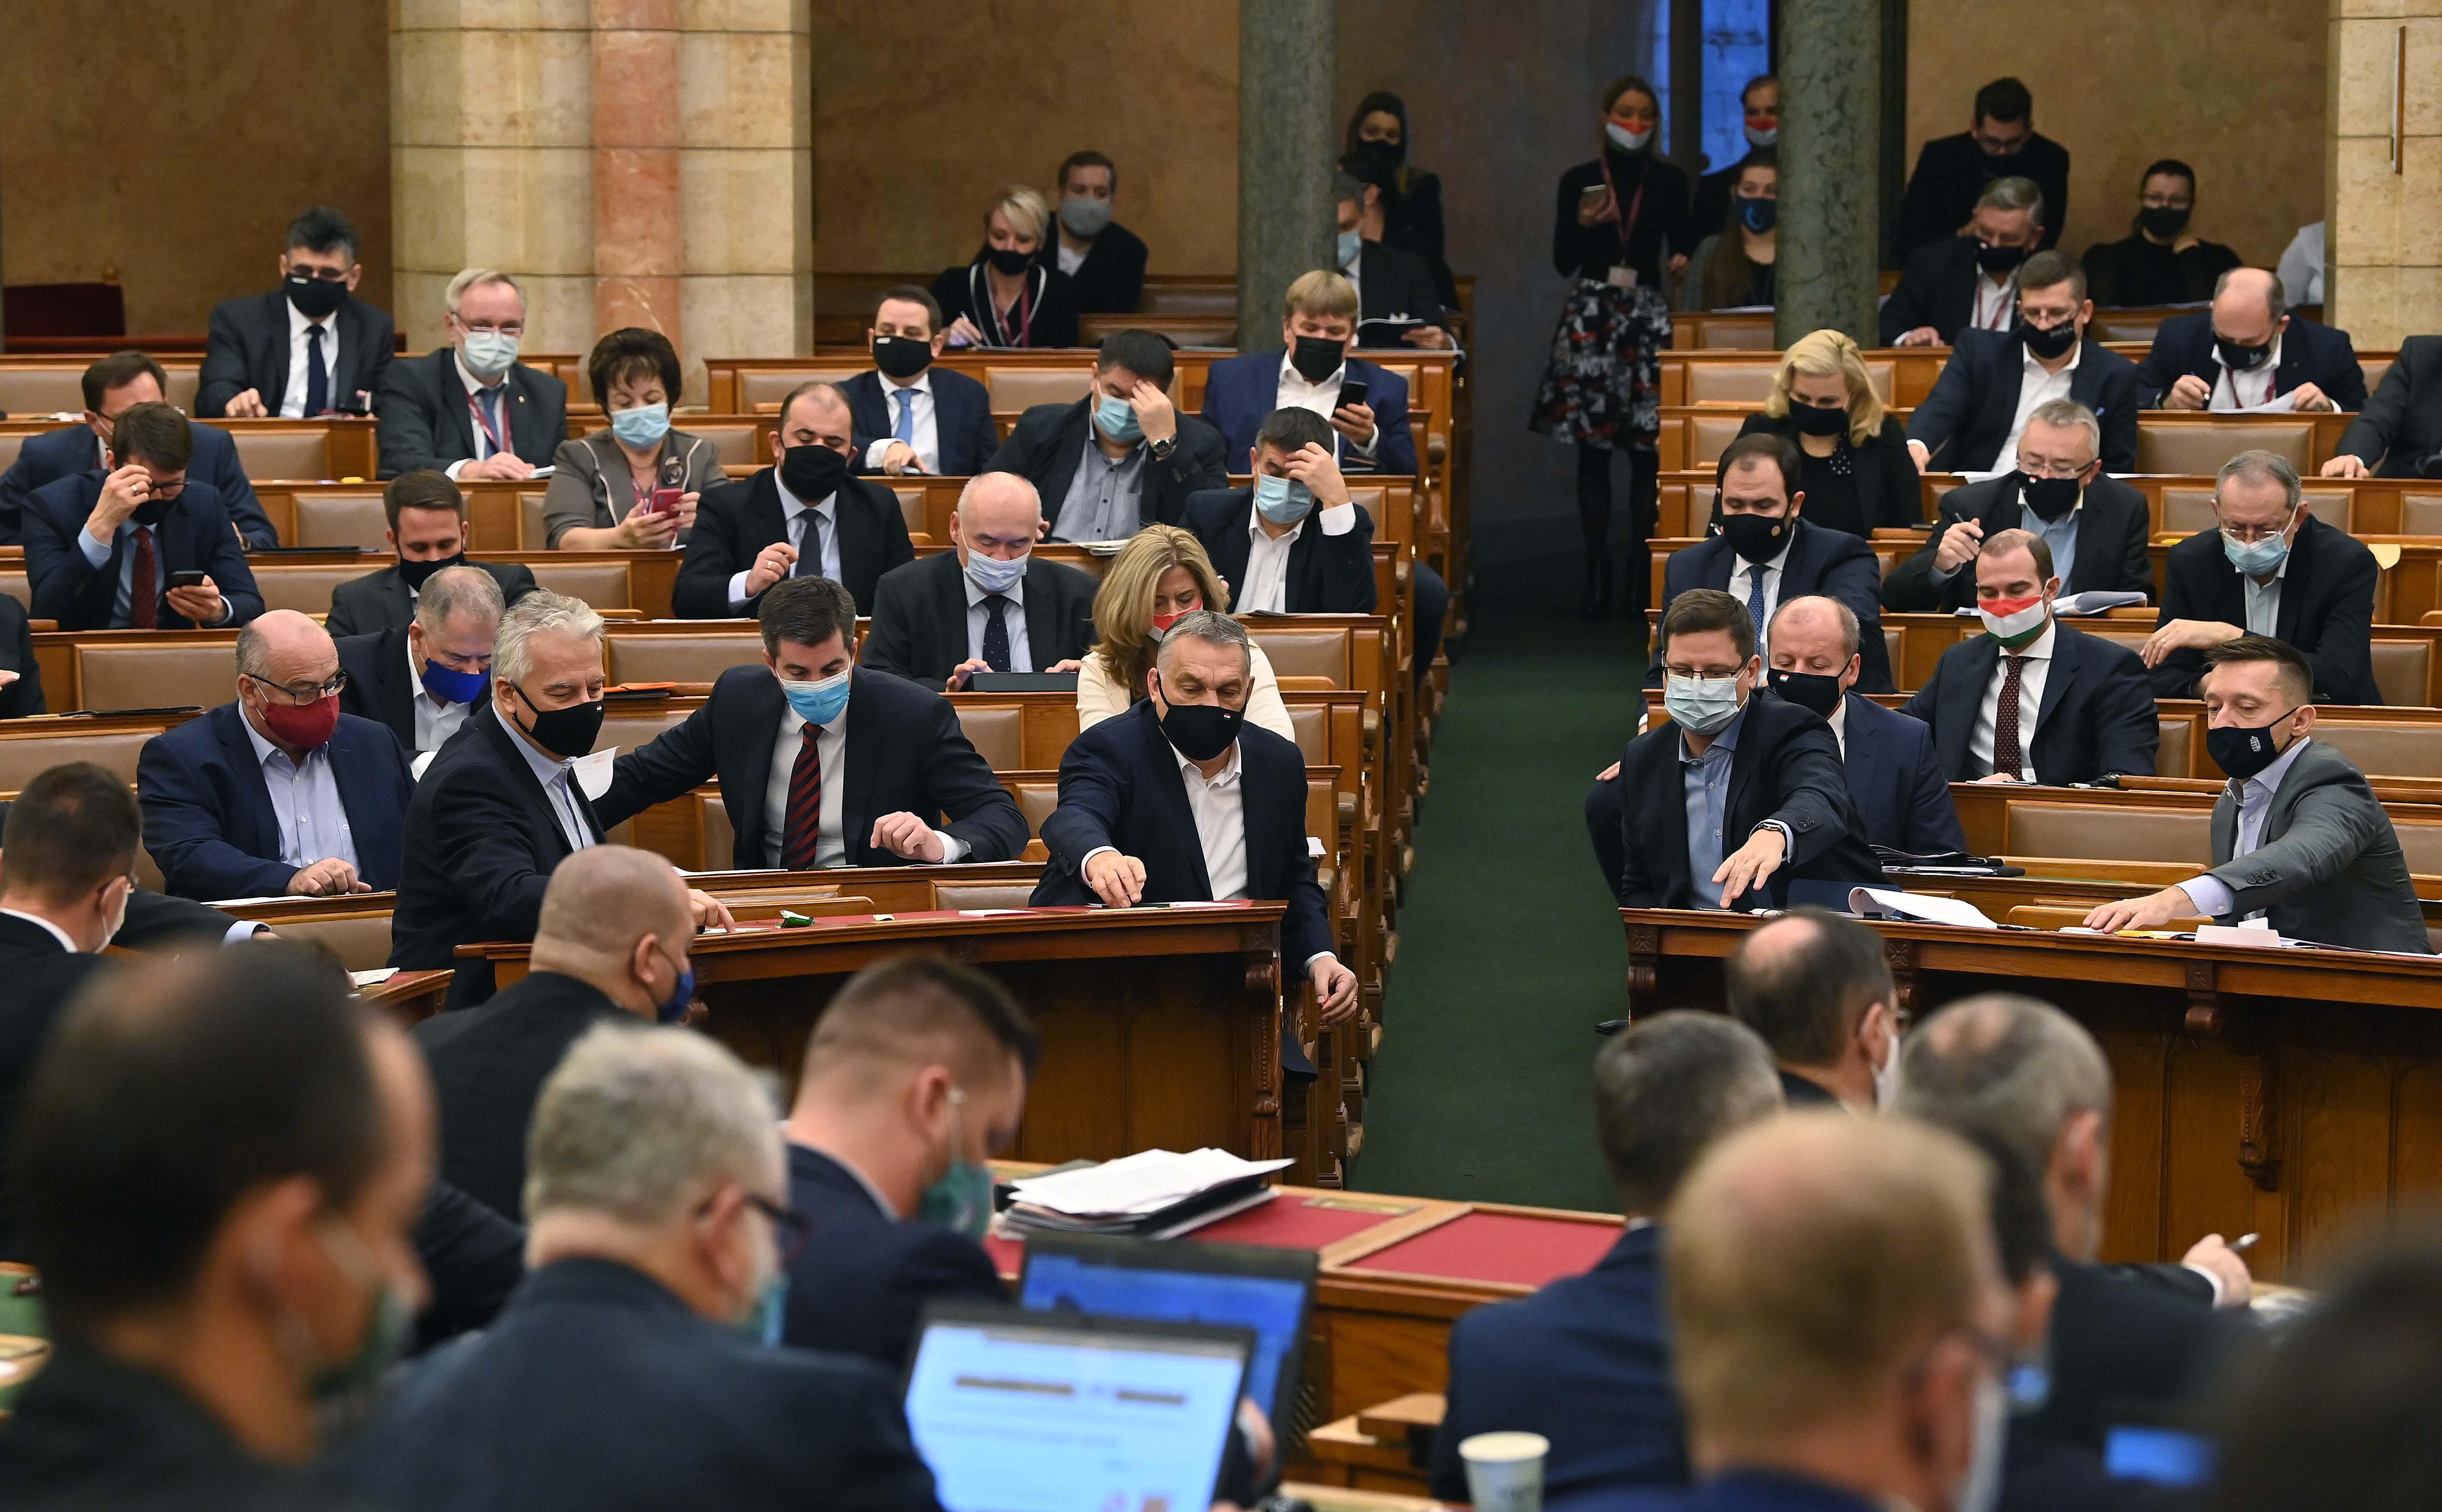 Oltást adnak a tanároknak, de Orbán és Gulyás úgy beszélnek erről, mintha a fogukat húznák